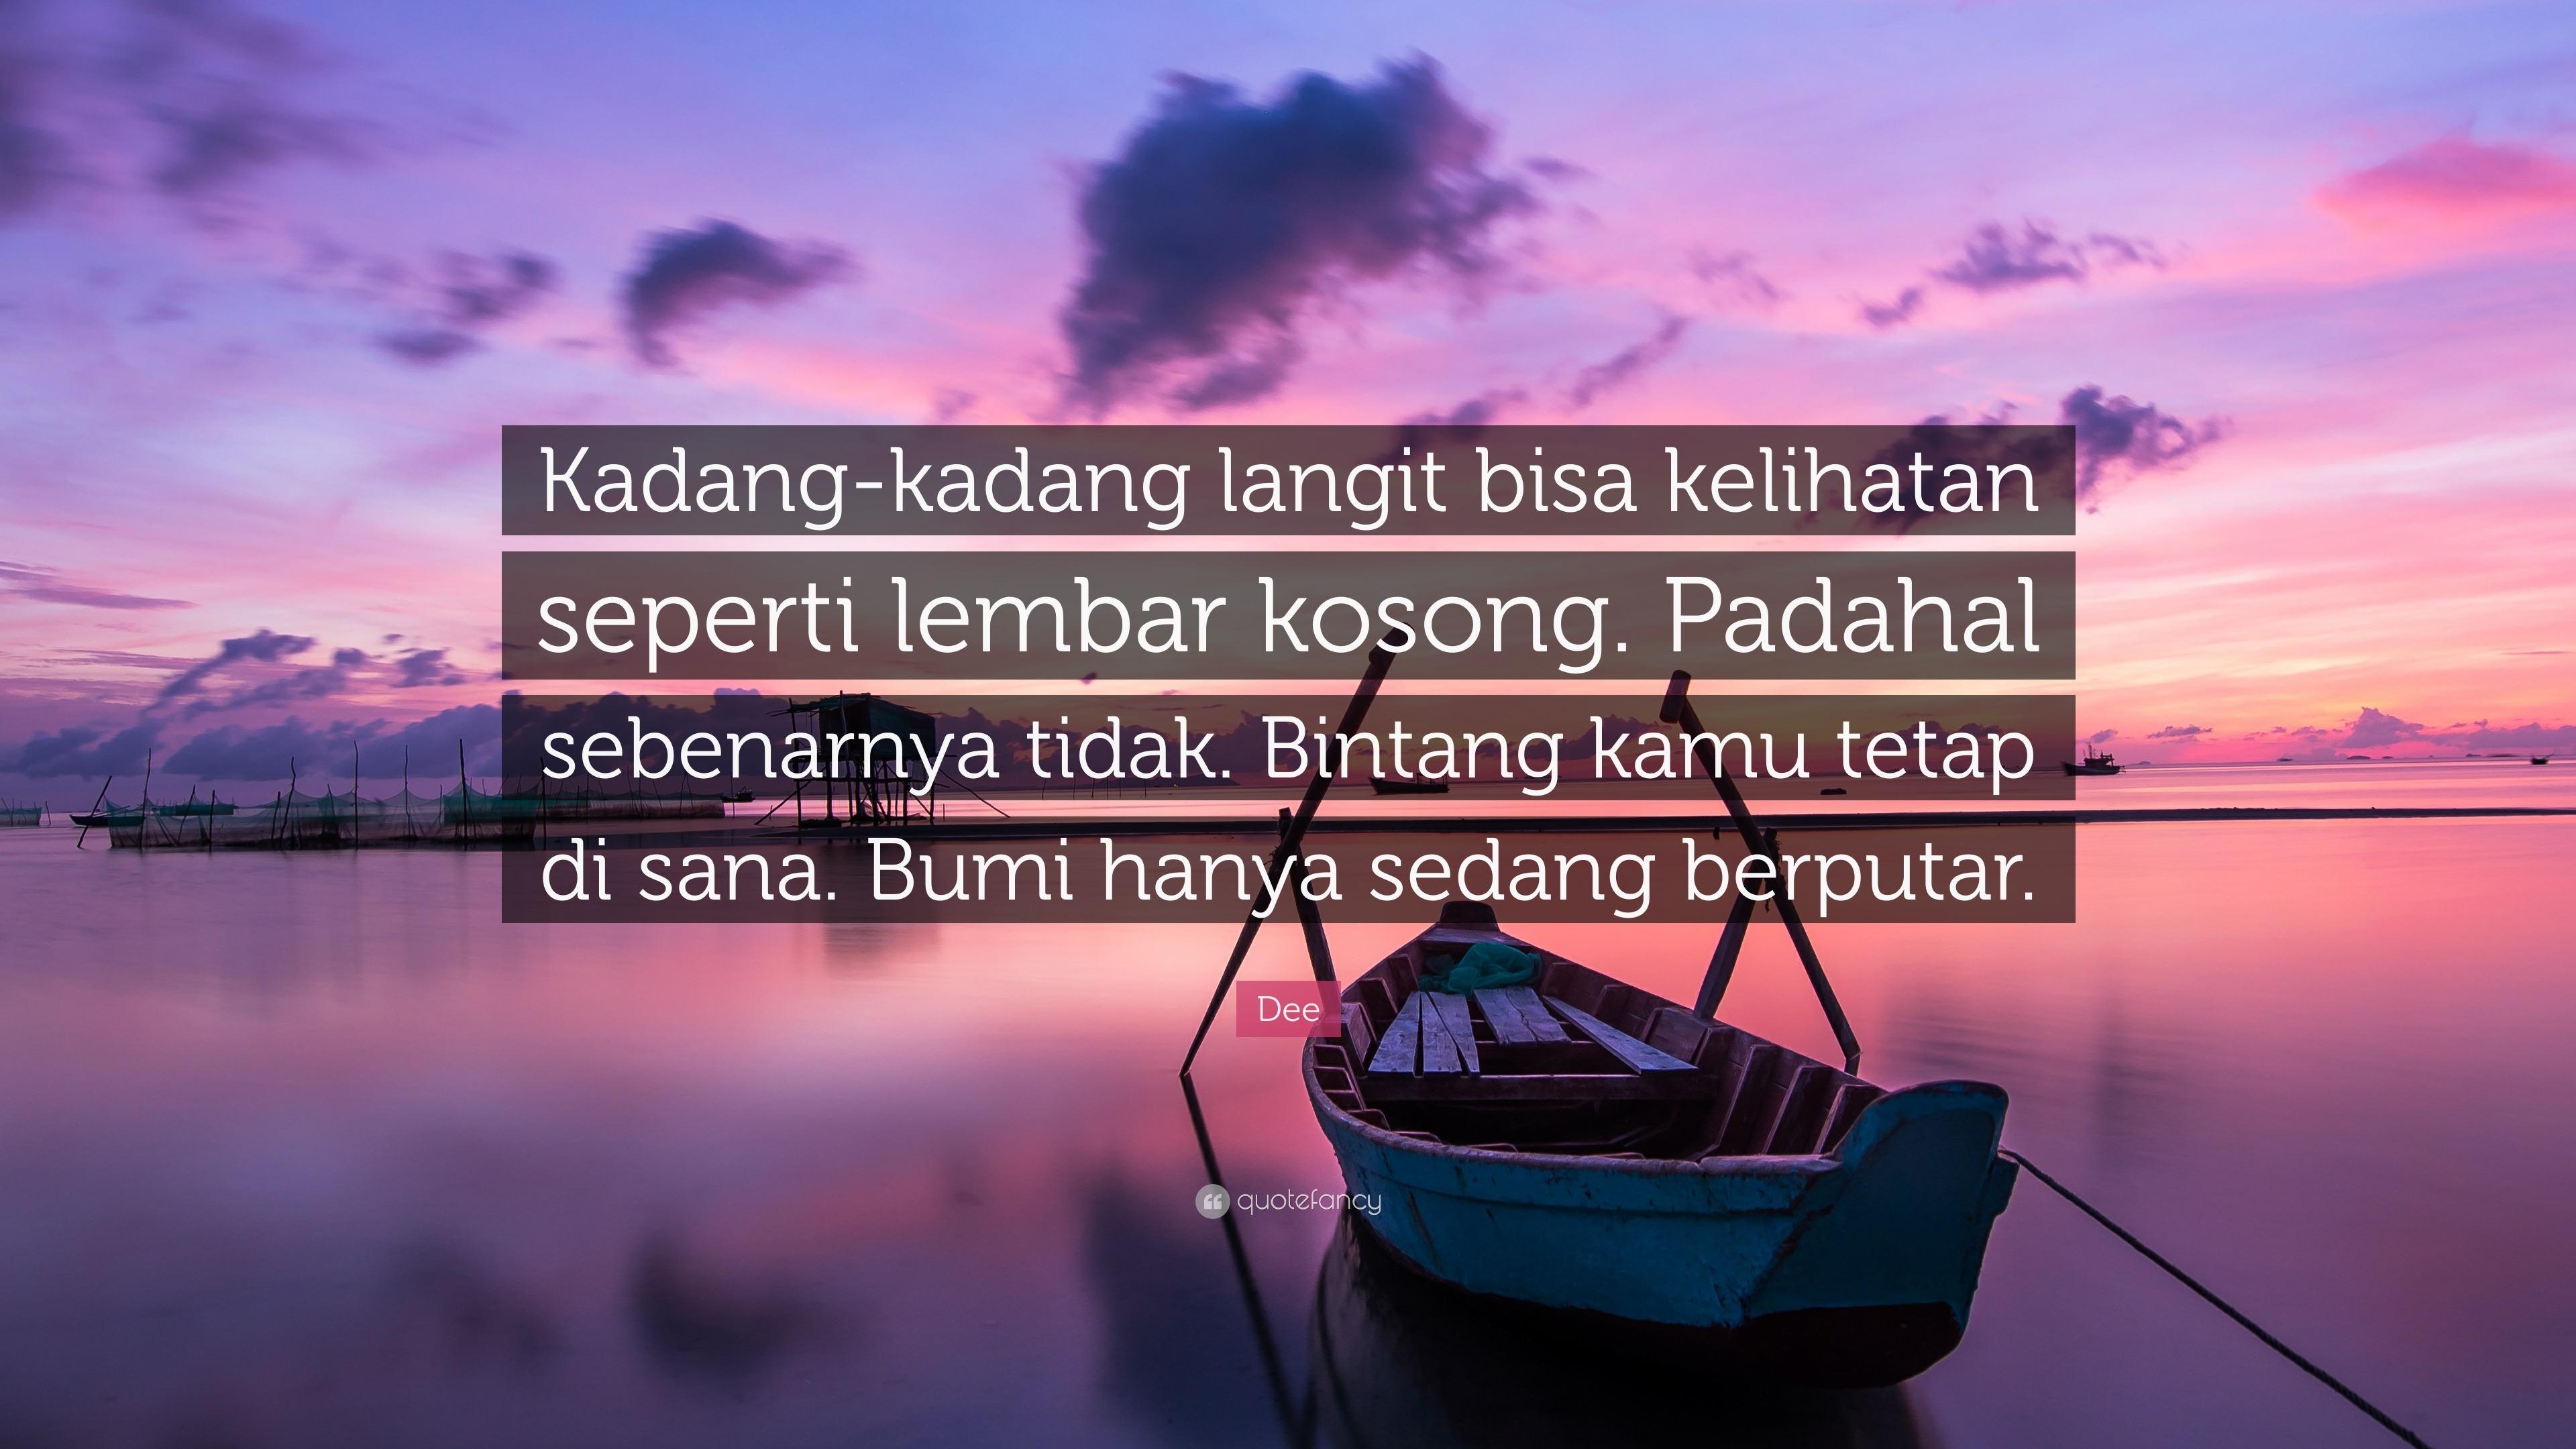 Dee Quote Kadang Kadang Langit Bisa Kelihatan Seperti Lembar Kosong Padahal Sebenarnya Tidak Bintang Kamu Tetap Di Sana Bumi Ha 12 Wallpapers Quotefancy